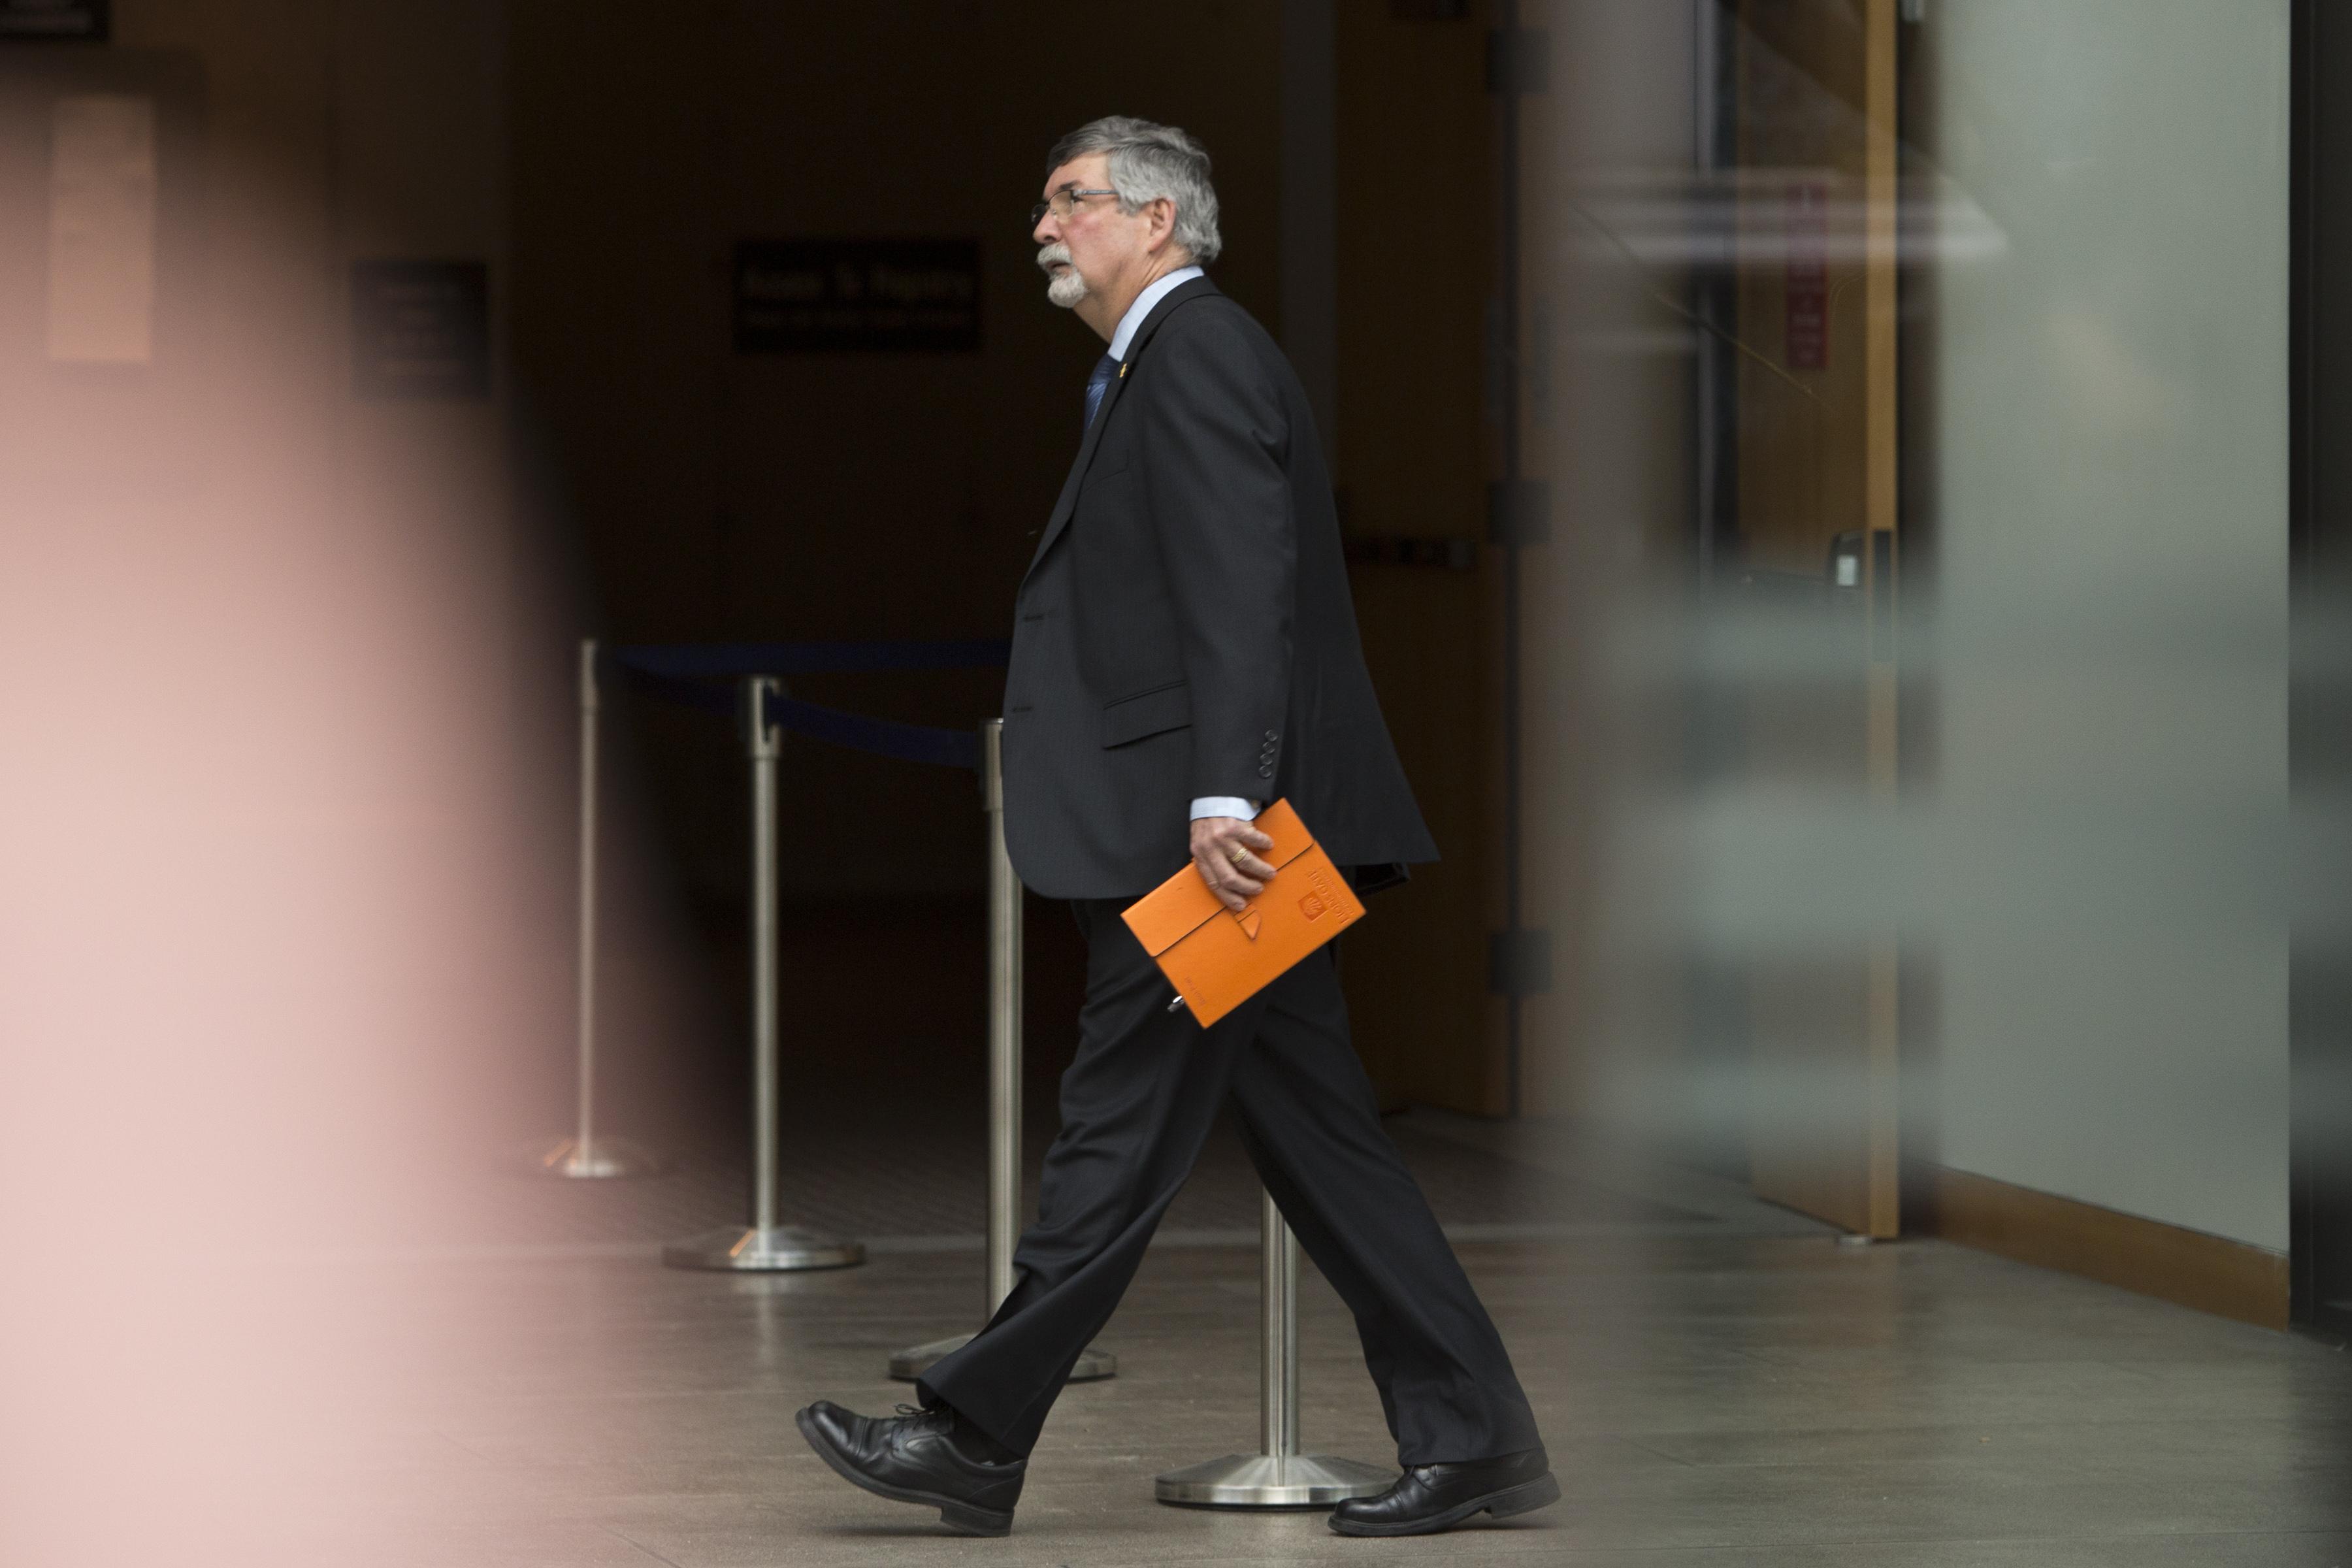 12月10日,獅門風險管理(Lions Gate Risk Management,下簡稱LG )的首席執行官費勒(Scot Filer)在作證後步出法庭。(JASON REDMOND/AFP/Getty Images)